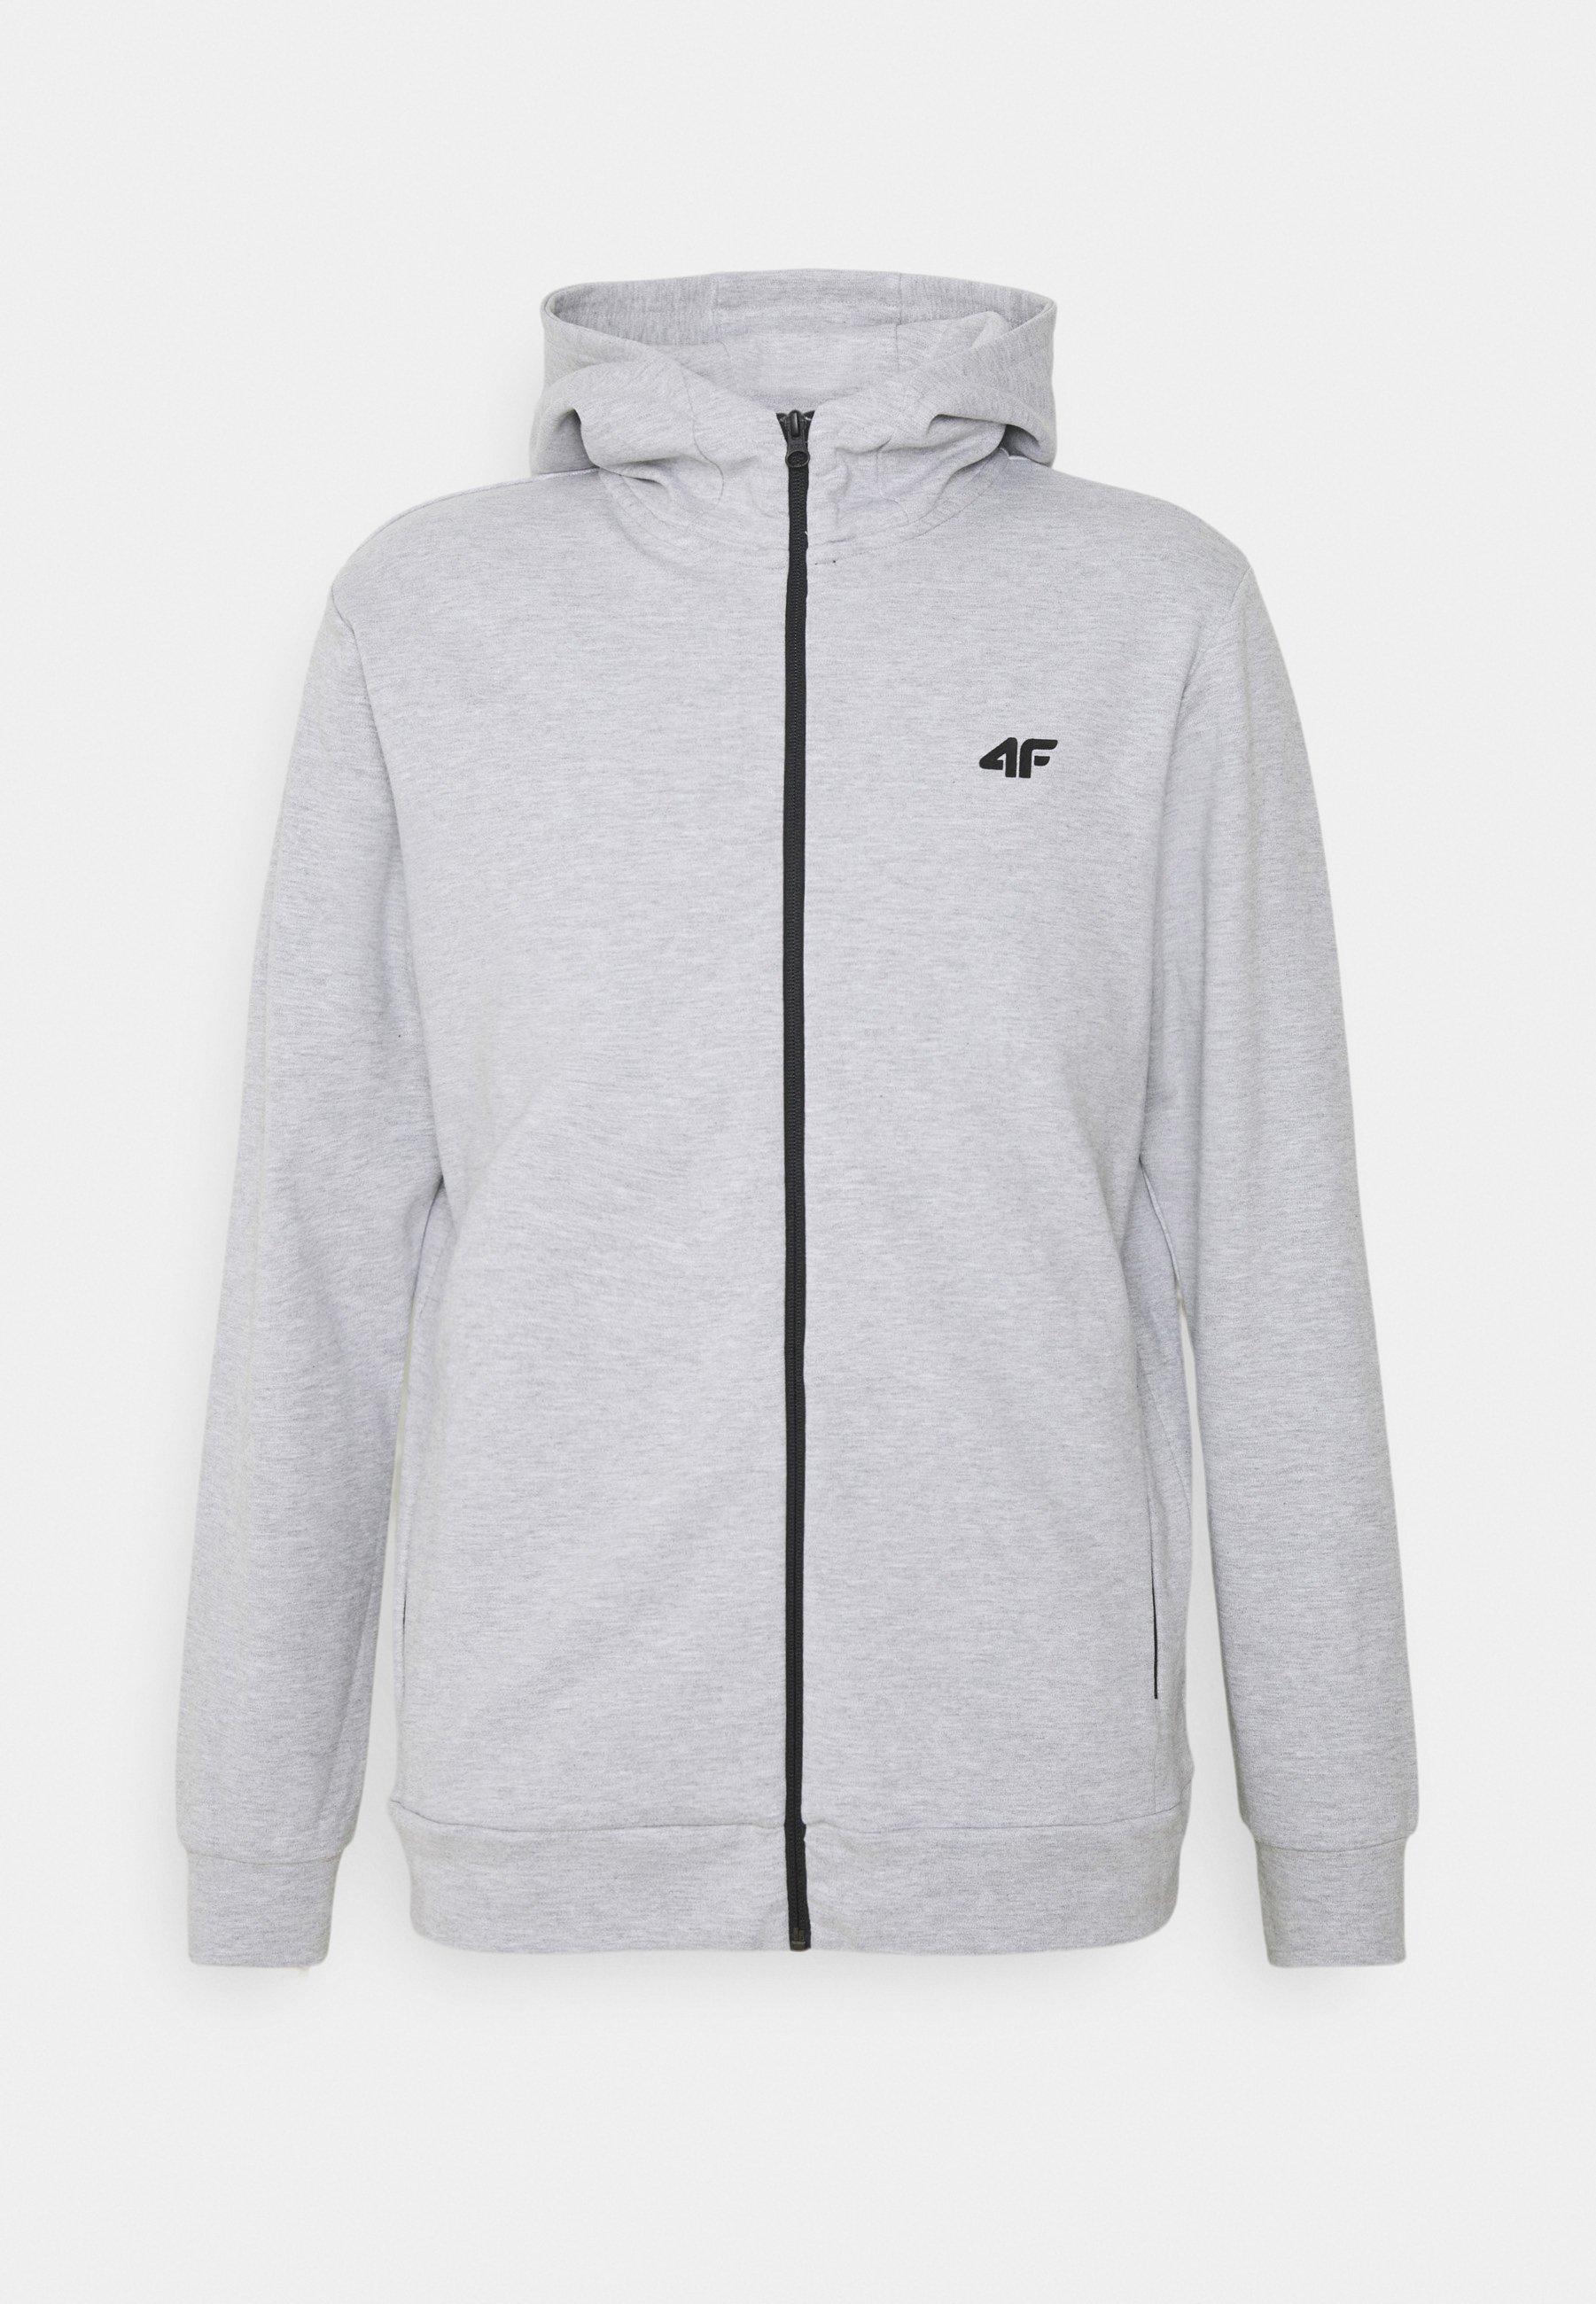 Men Men's hoodie - Zip-up sweatshirt